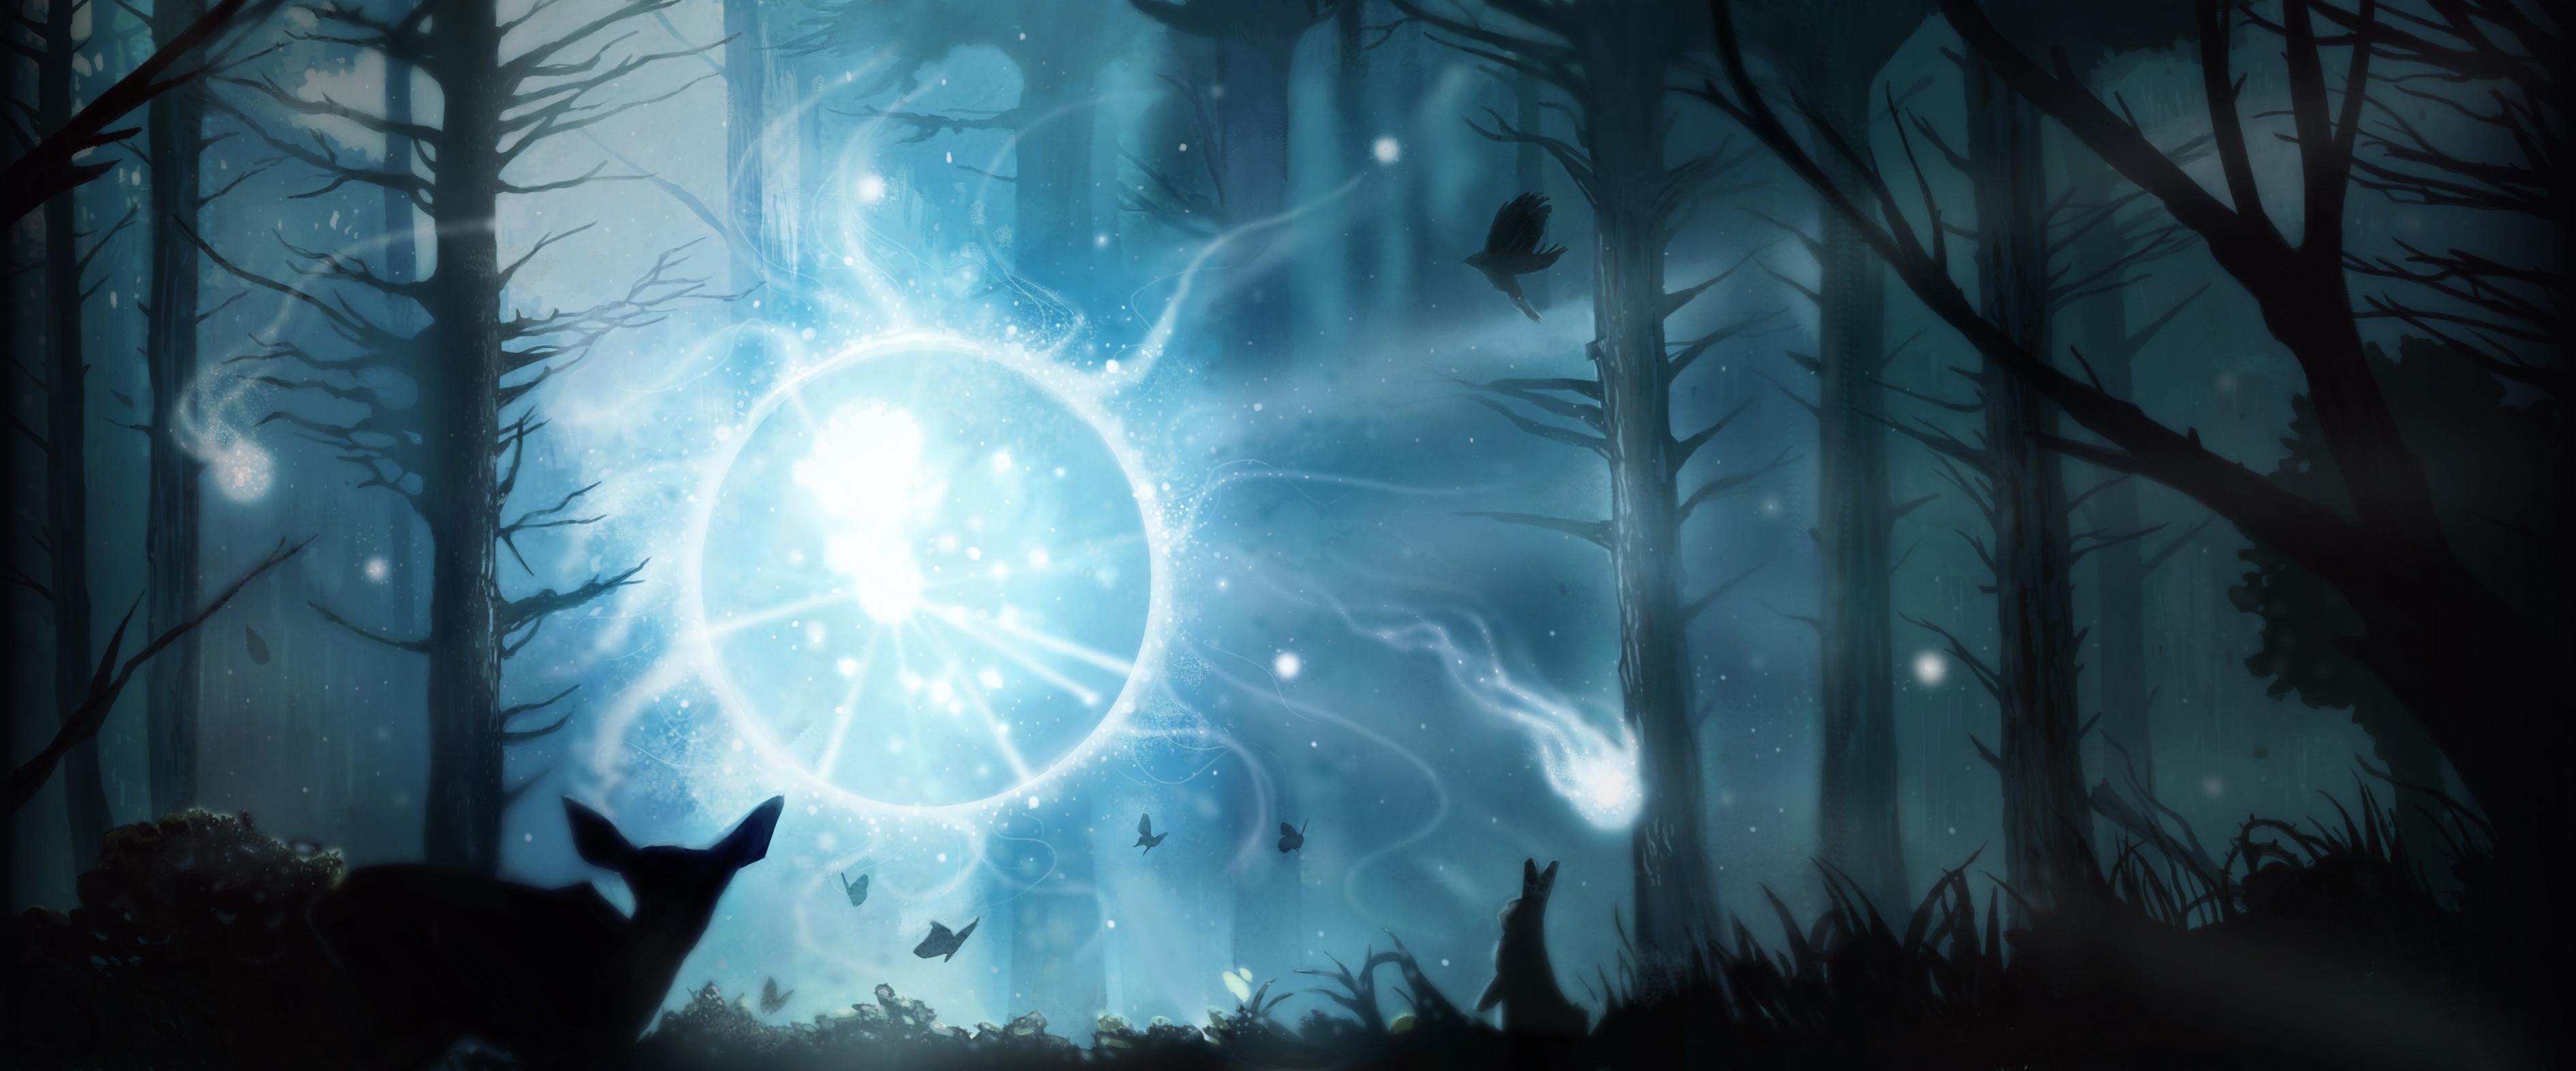 Loạt ảnh nguyên họa của các hero trong DotA 2 - Ảnh 26